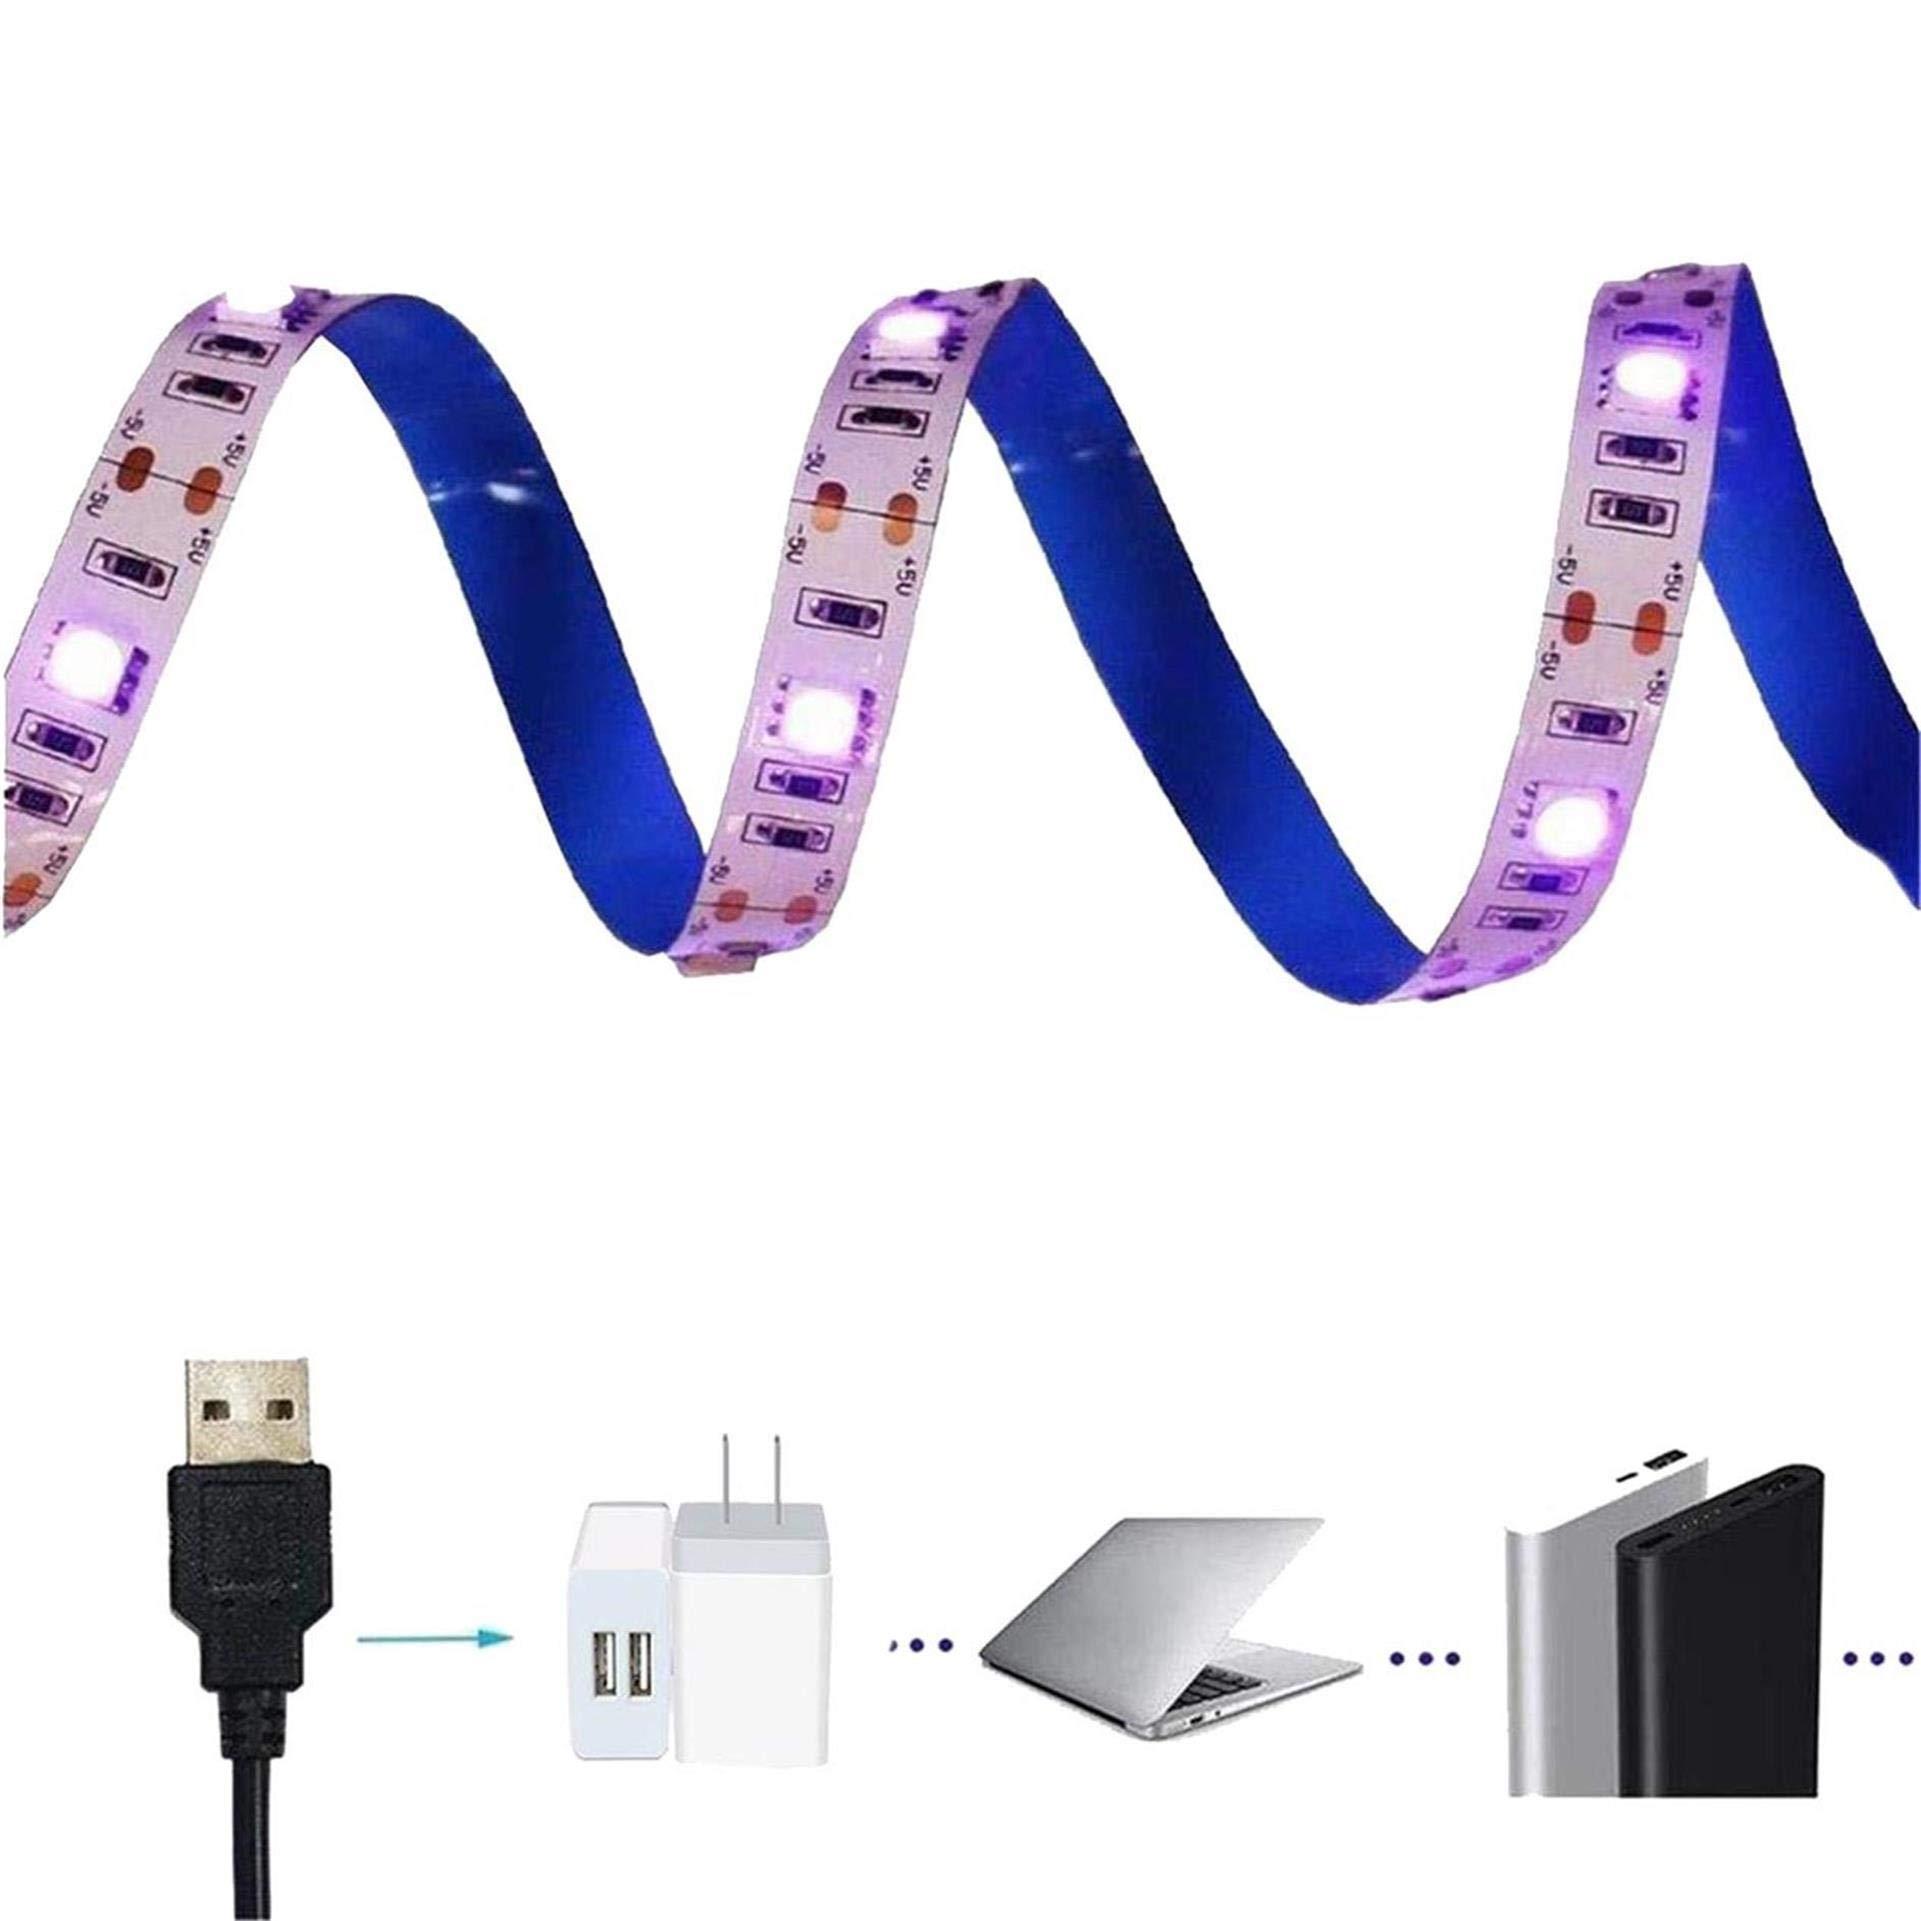 Black Light Strip, AMARS USB Design 6.6FT 60leds UV Ultraviolet USB Operated LED Blacklight Strip (Super Bright 5050 SMD, Move Freely)